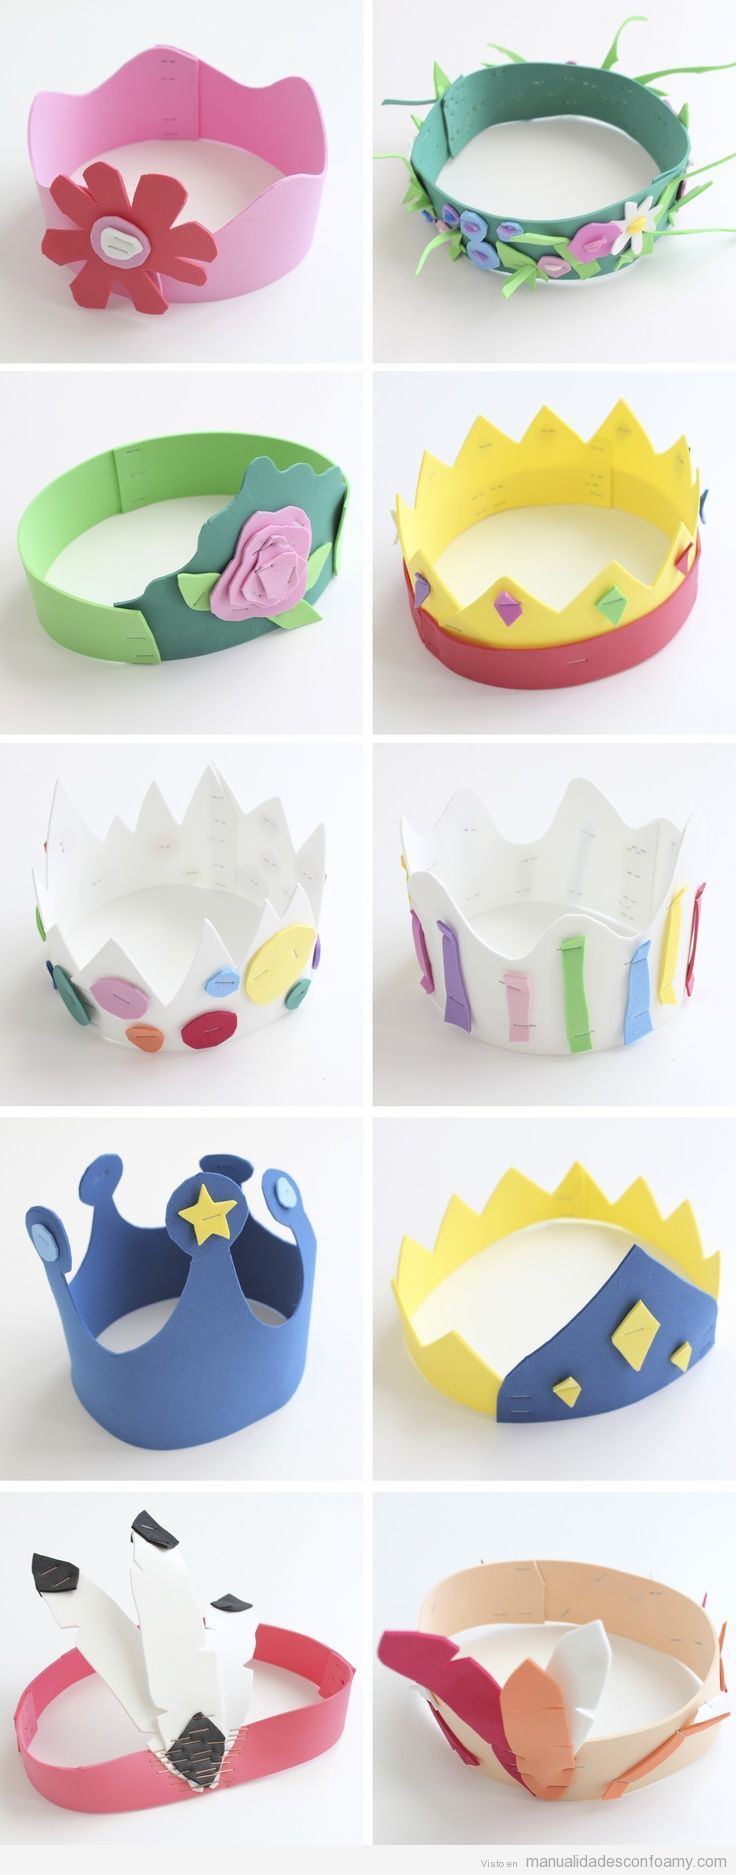 10 coronas de goma eva para disfraces y cumplea os for Decoracion de goma eva para cumpleanos